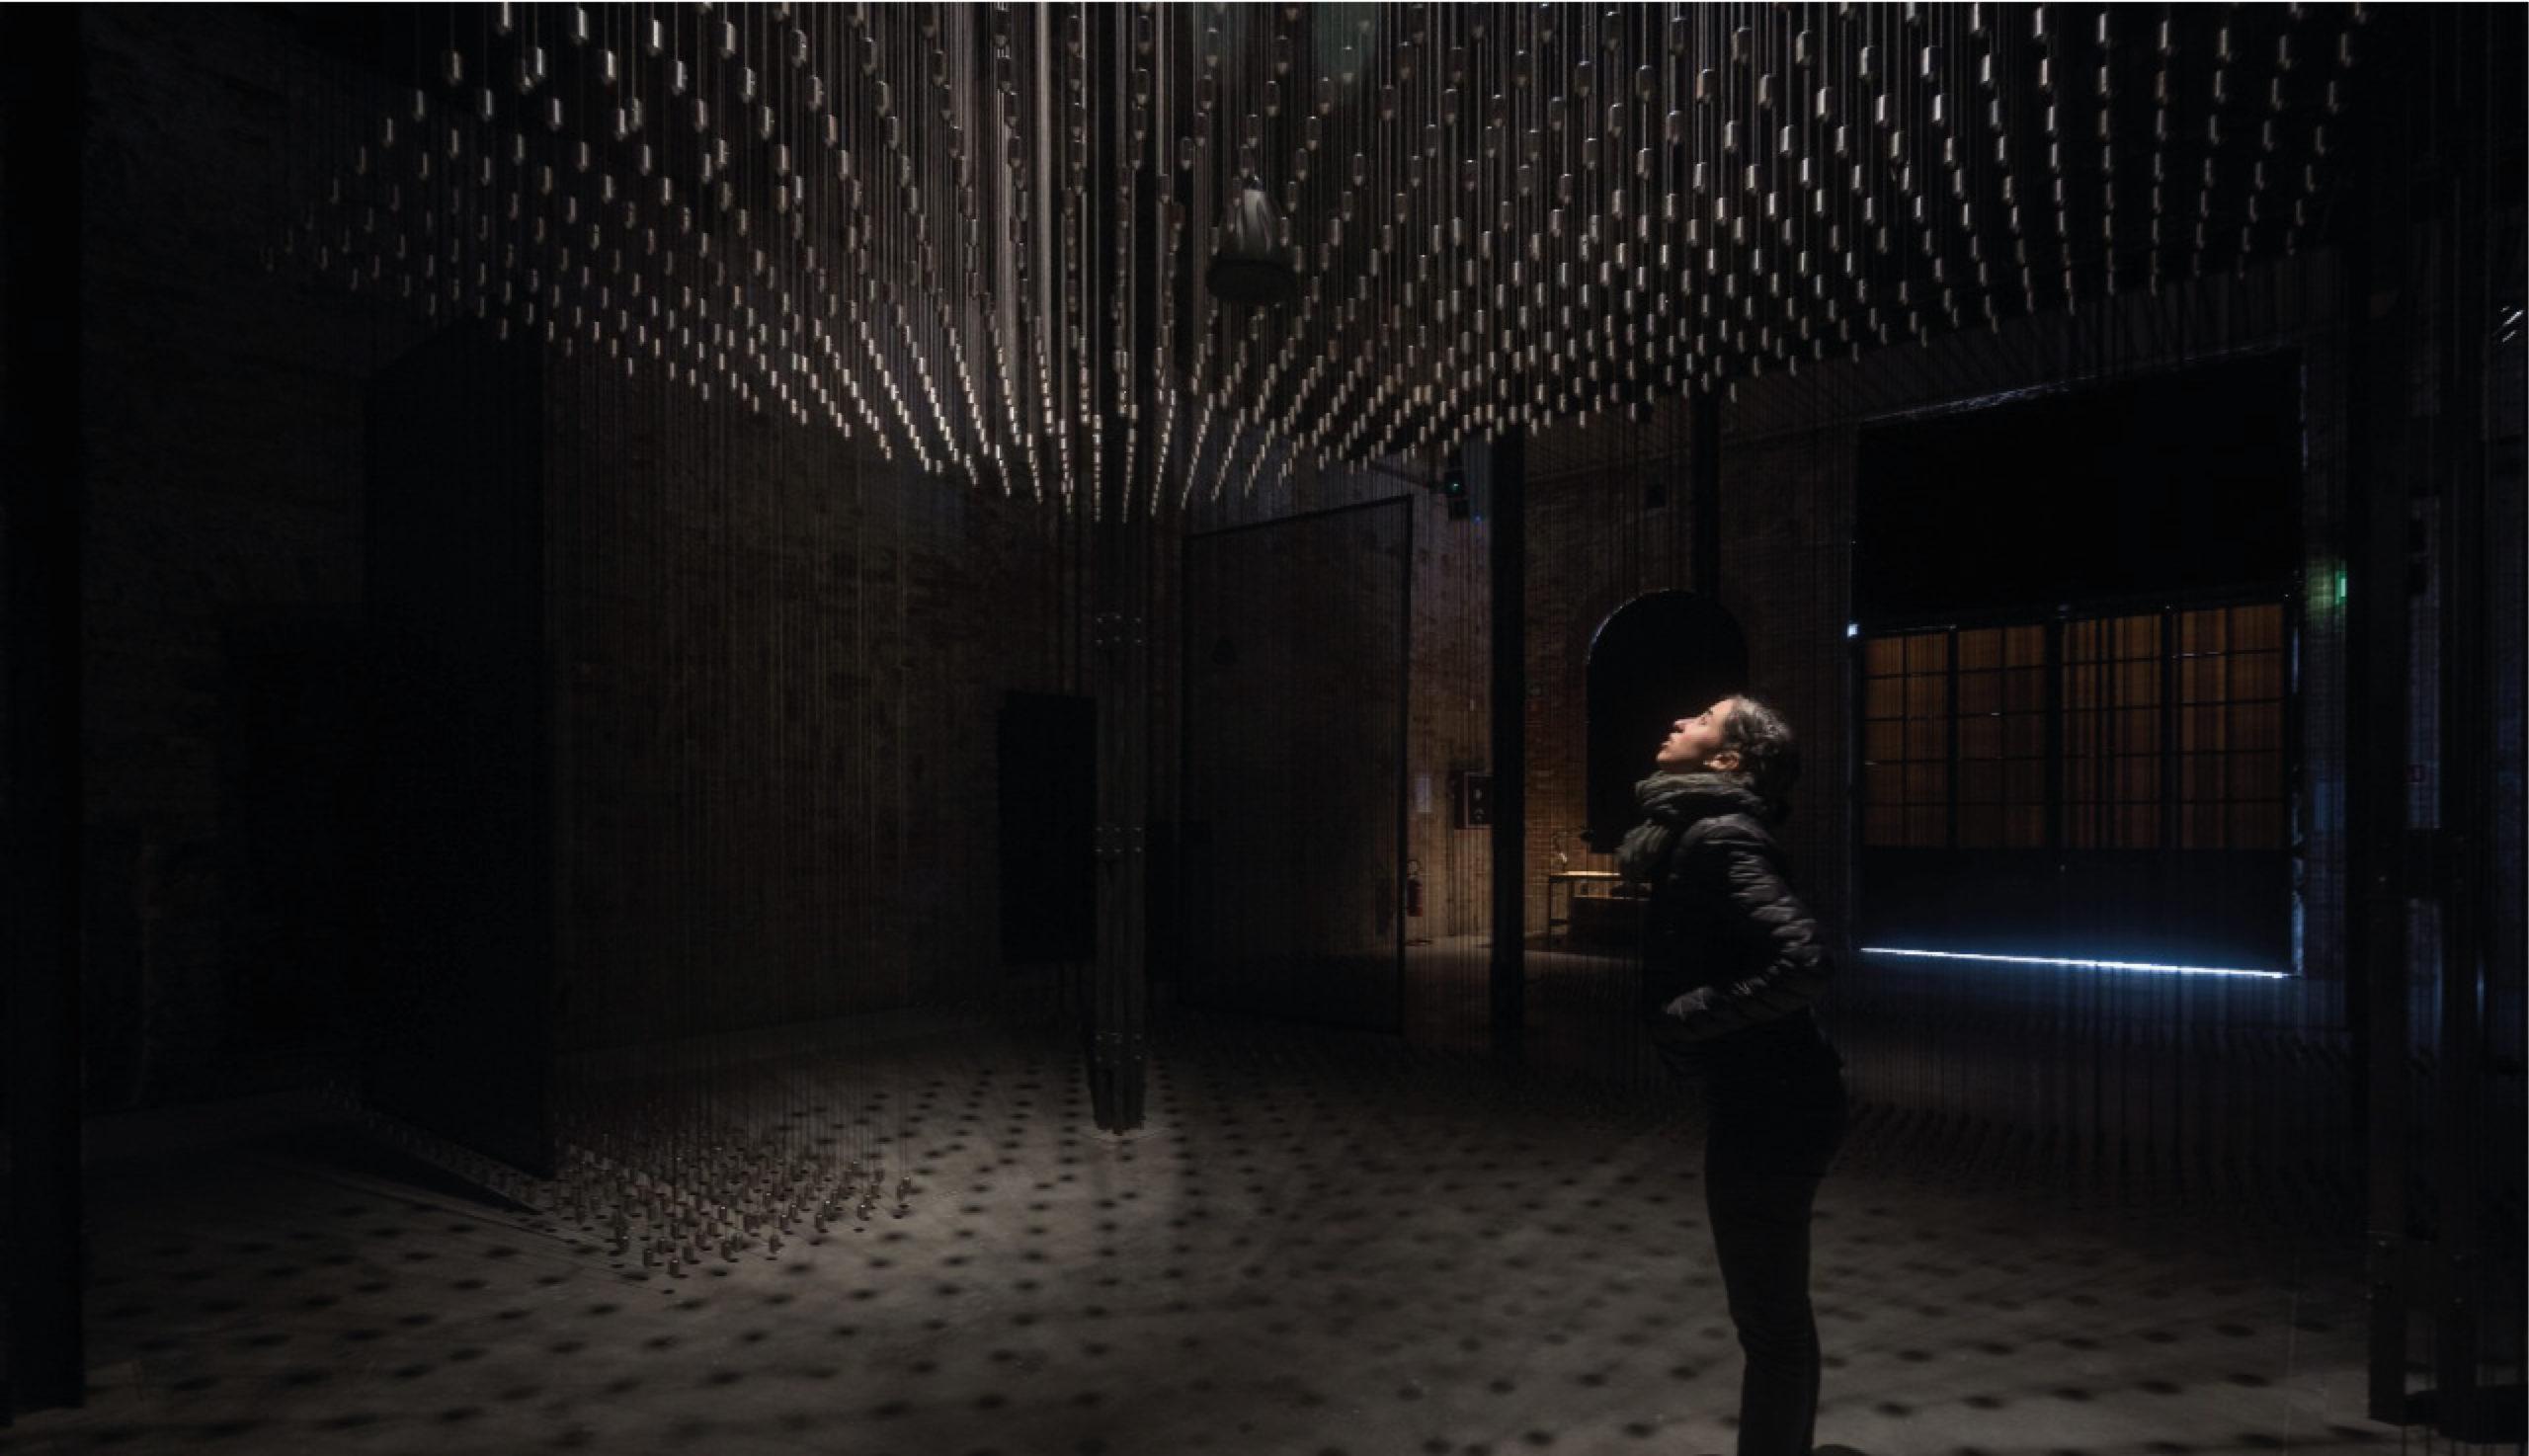 Así es el pabellón de México en la Bienal de Arquitectura  Venecia 2021